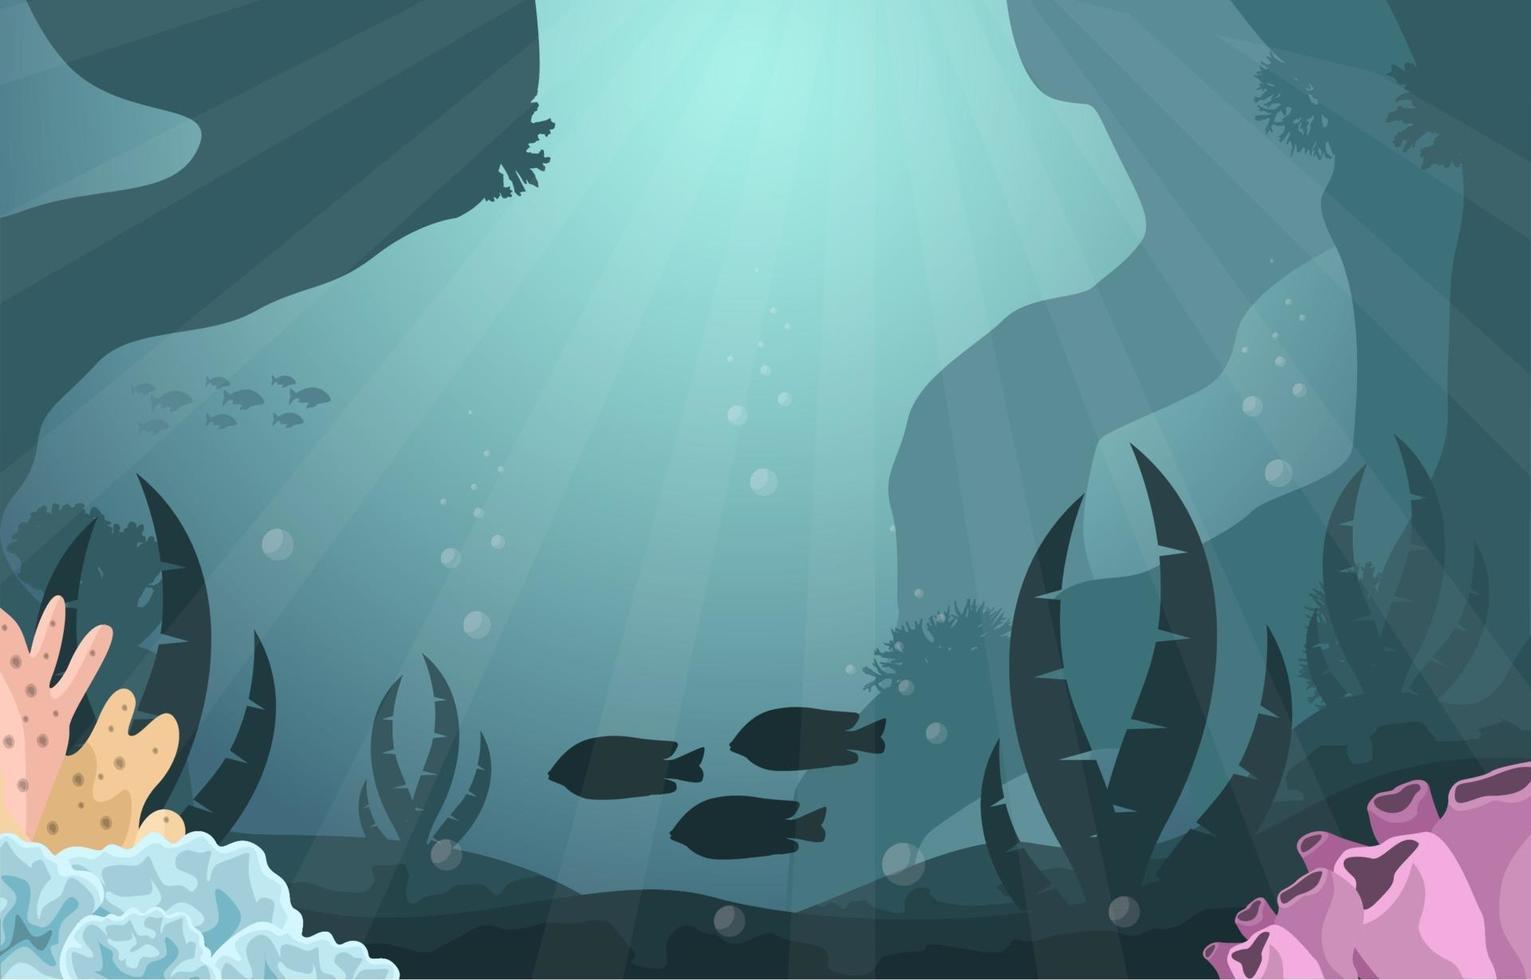 onderwaterscène met vissen en koraalrifillustratie vector